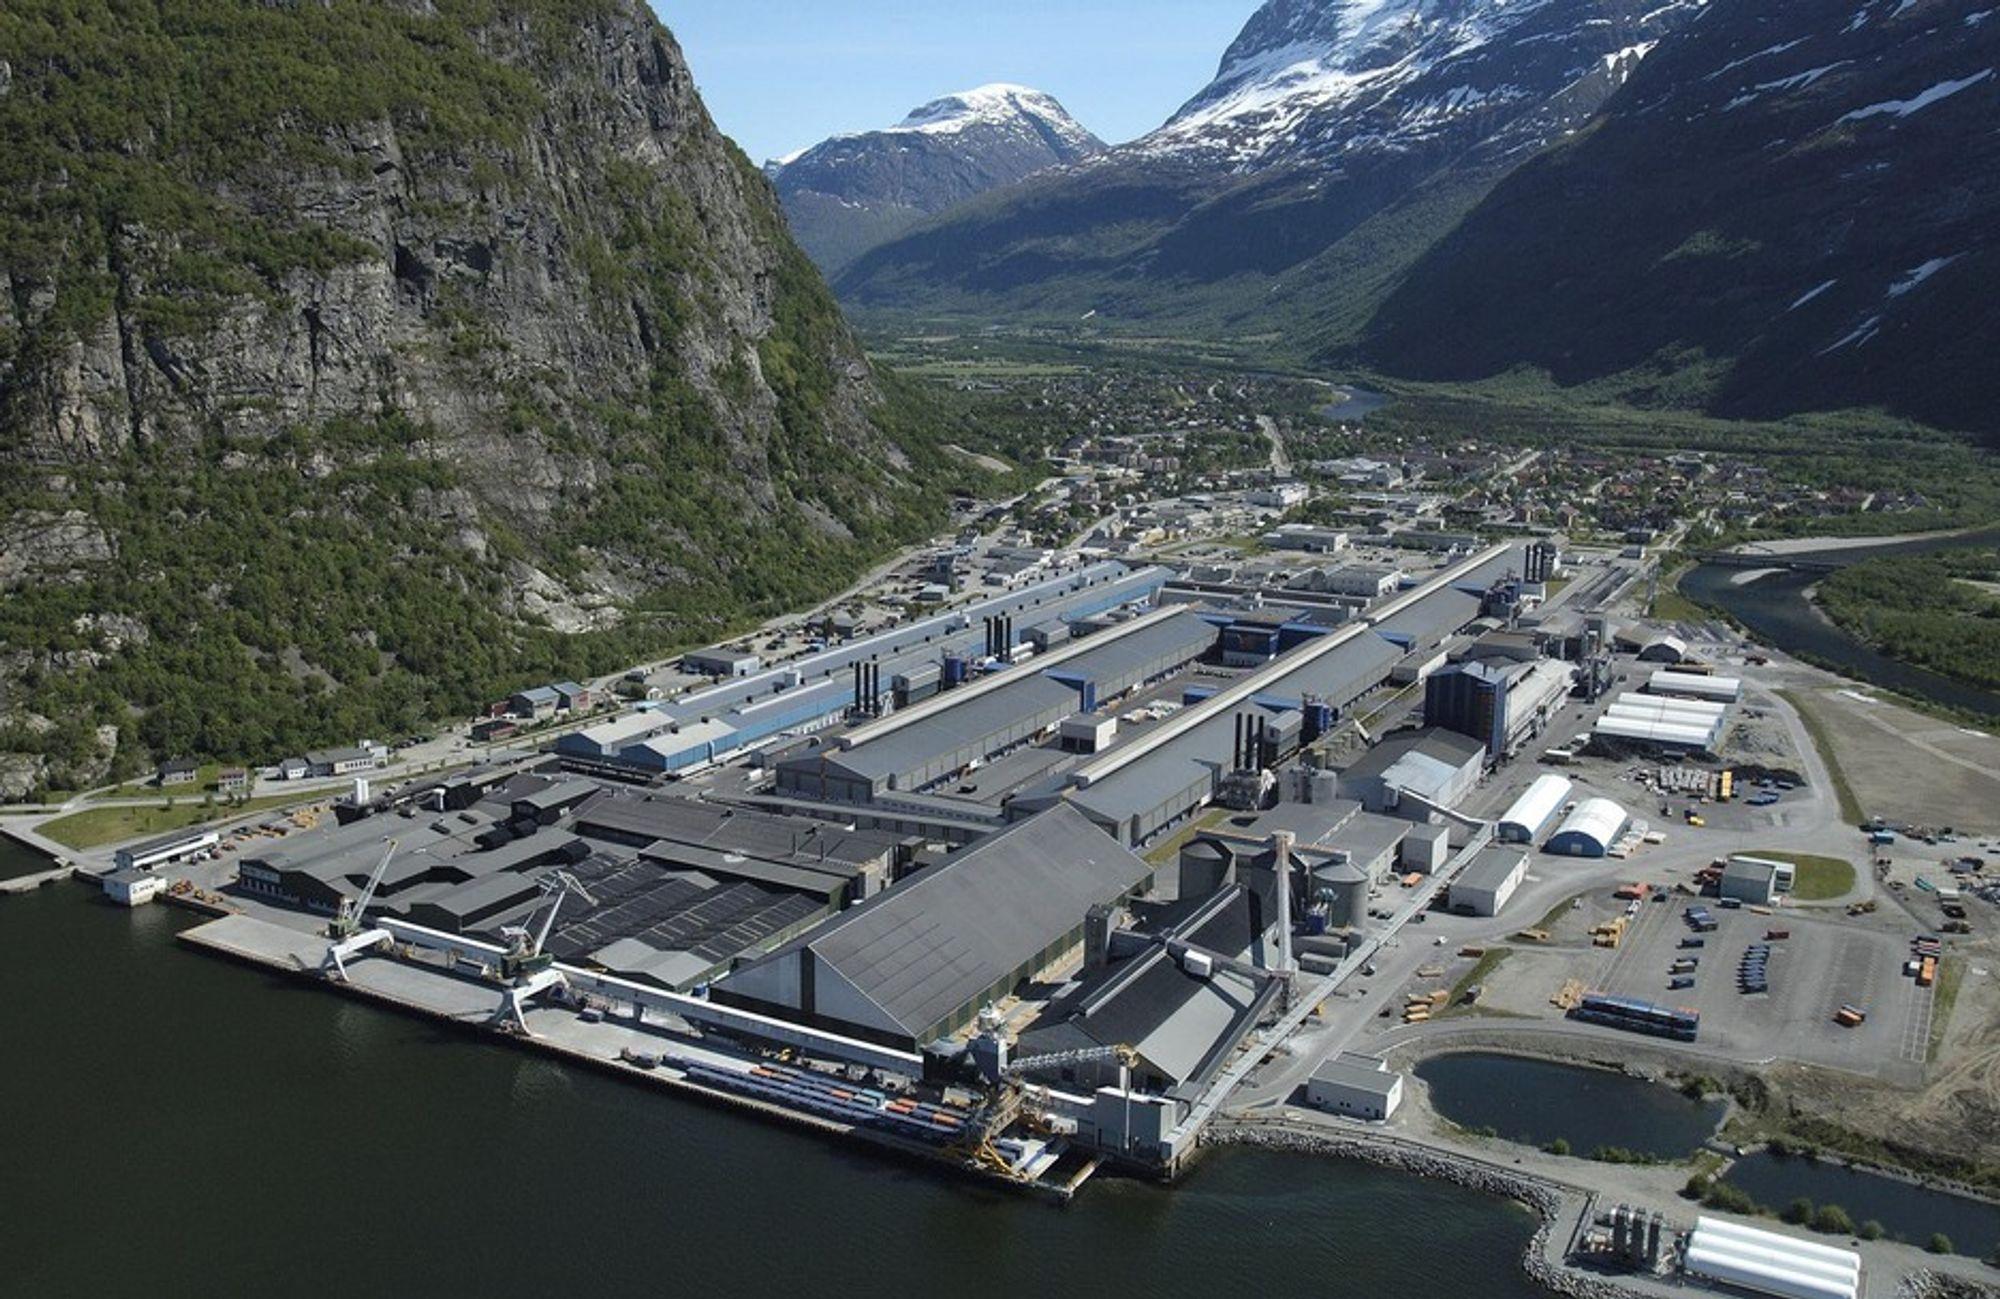 150 årsverk er knyttet til den eldste produksjonslinjen hos Hydro i Sunndal. Nå forbereder de seg på kutt, etter at Reiten i går la frem nedslående resultater.